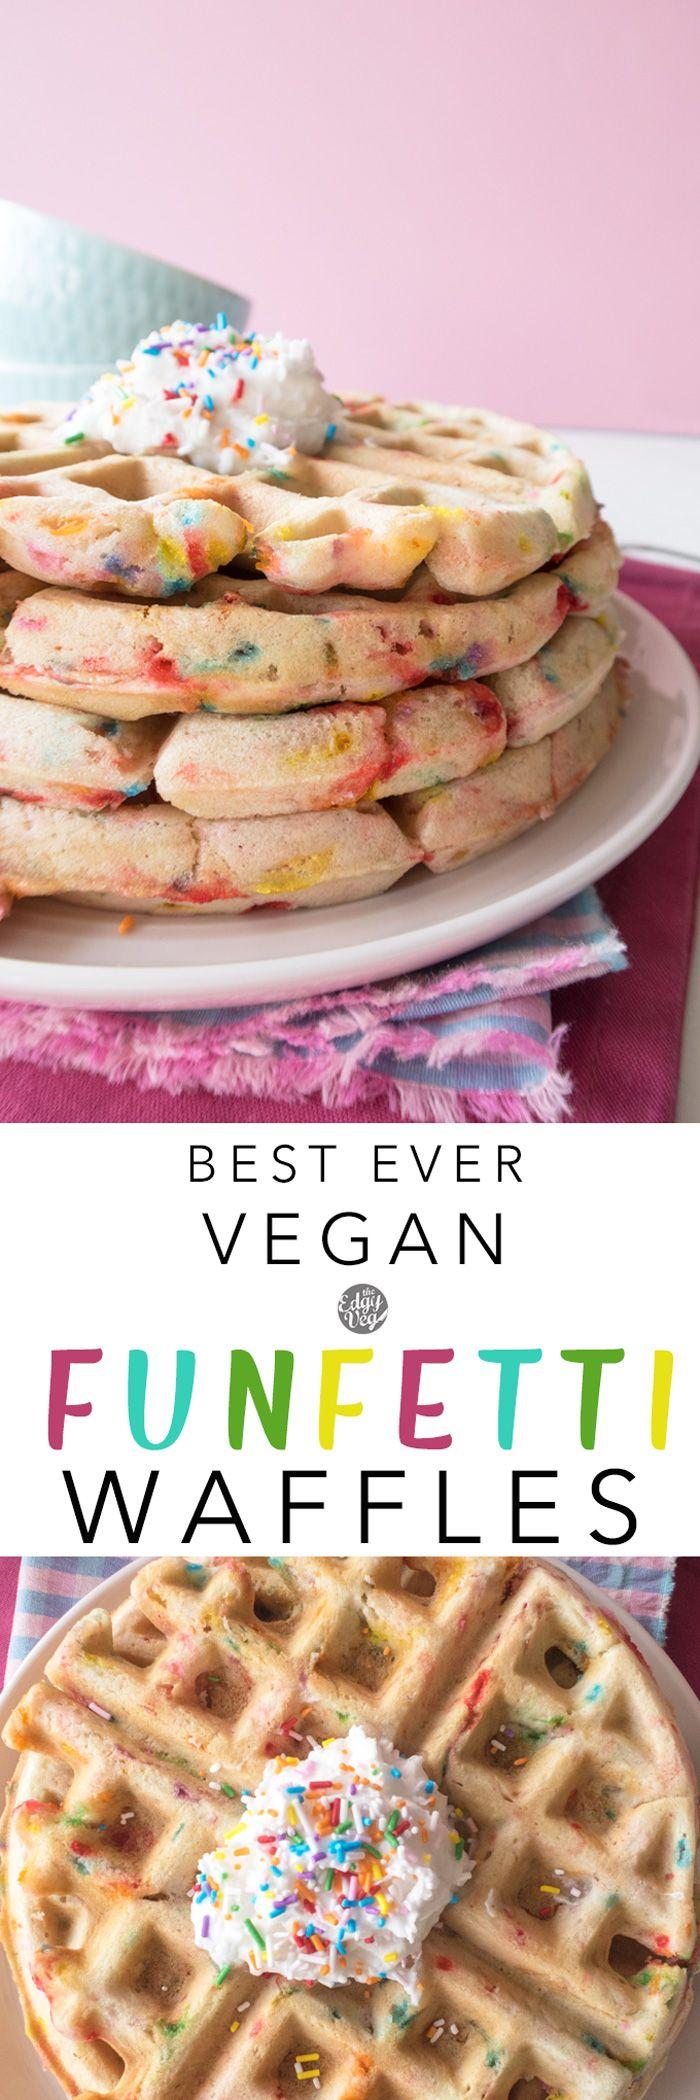 Vegan Funfetti Waffles | Vegan Waffles